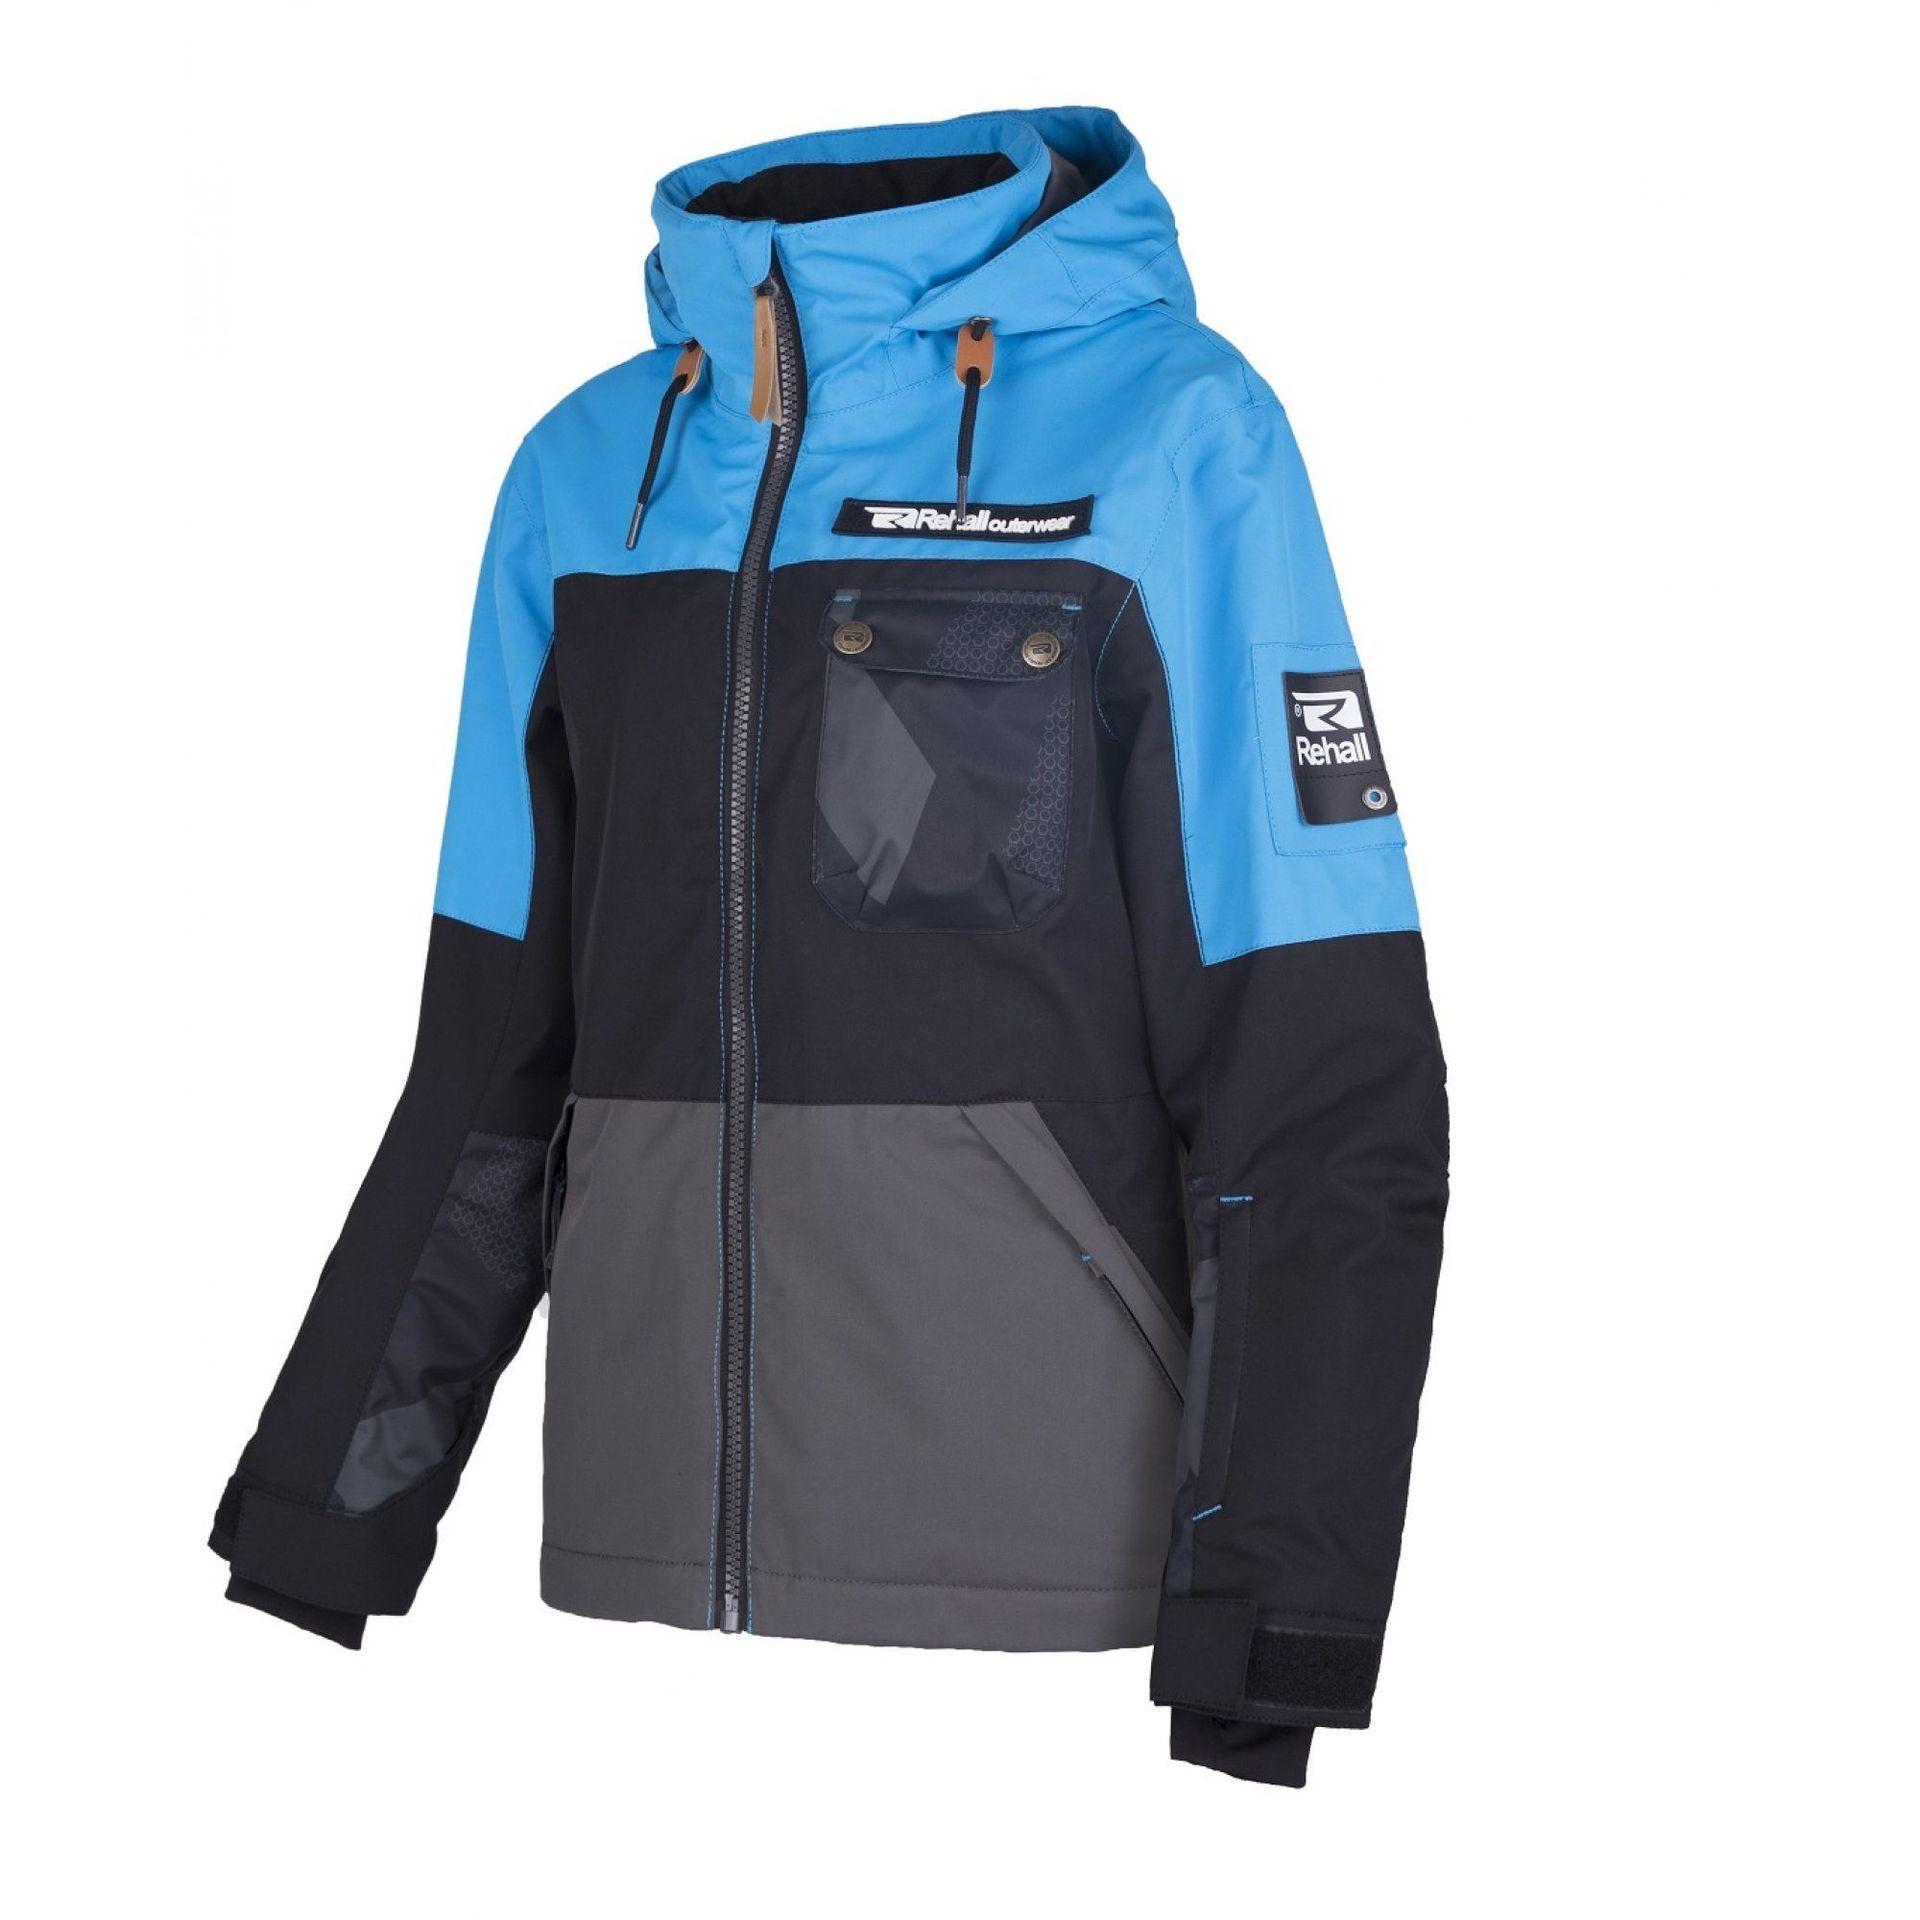 KURTKA REHALL VAILL-R-JR 50790 ULTRA BLUE